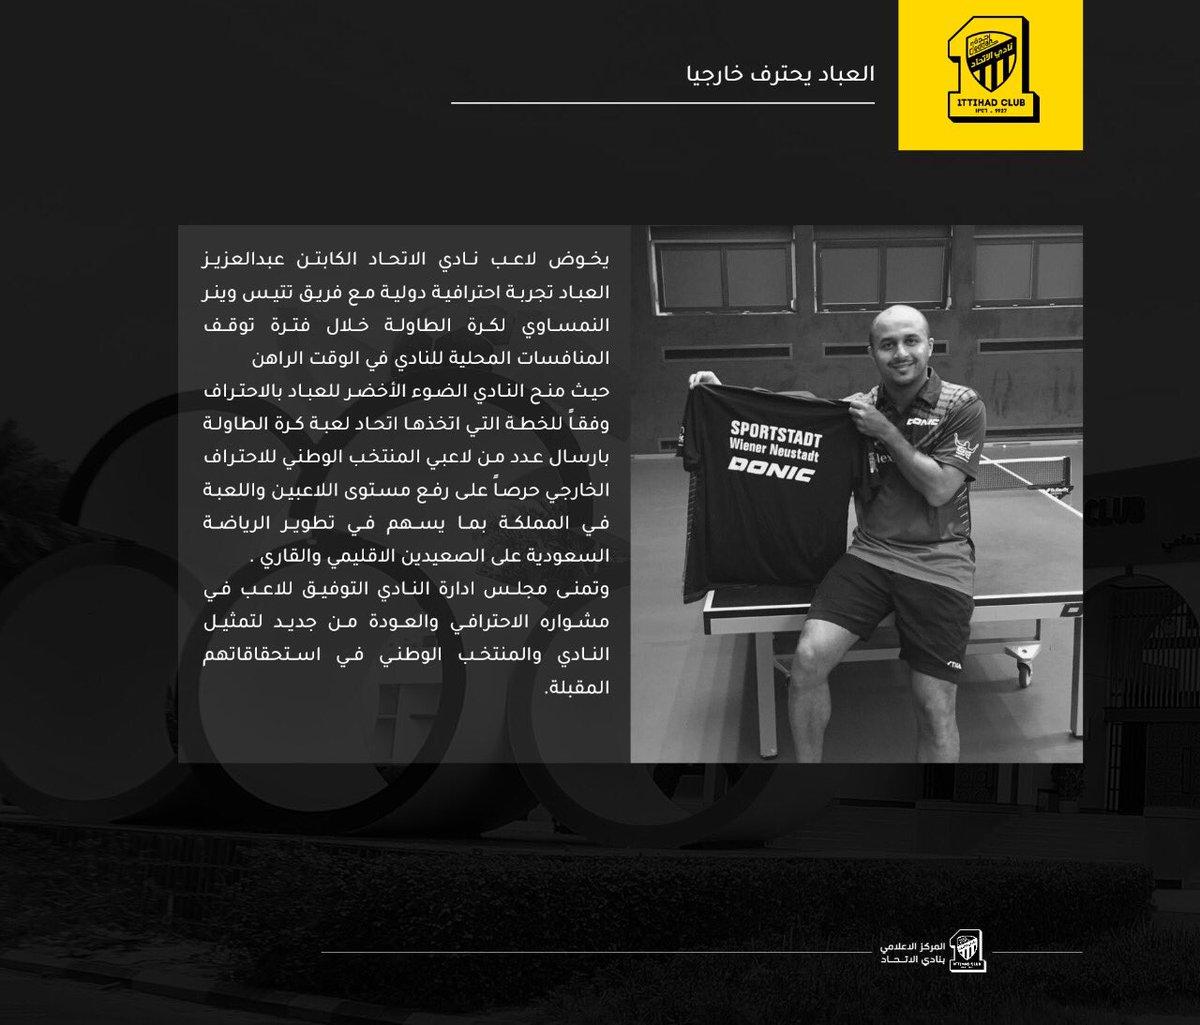 أخبار الاتحاد في الصحف ليوم الثلاثاء 19ـ3ـ1440